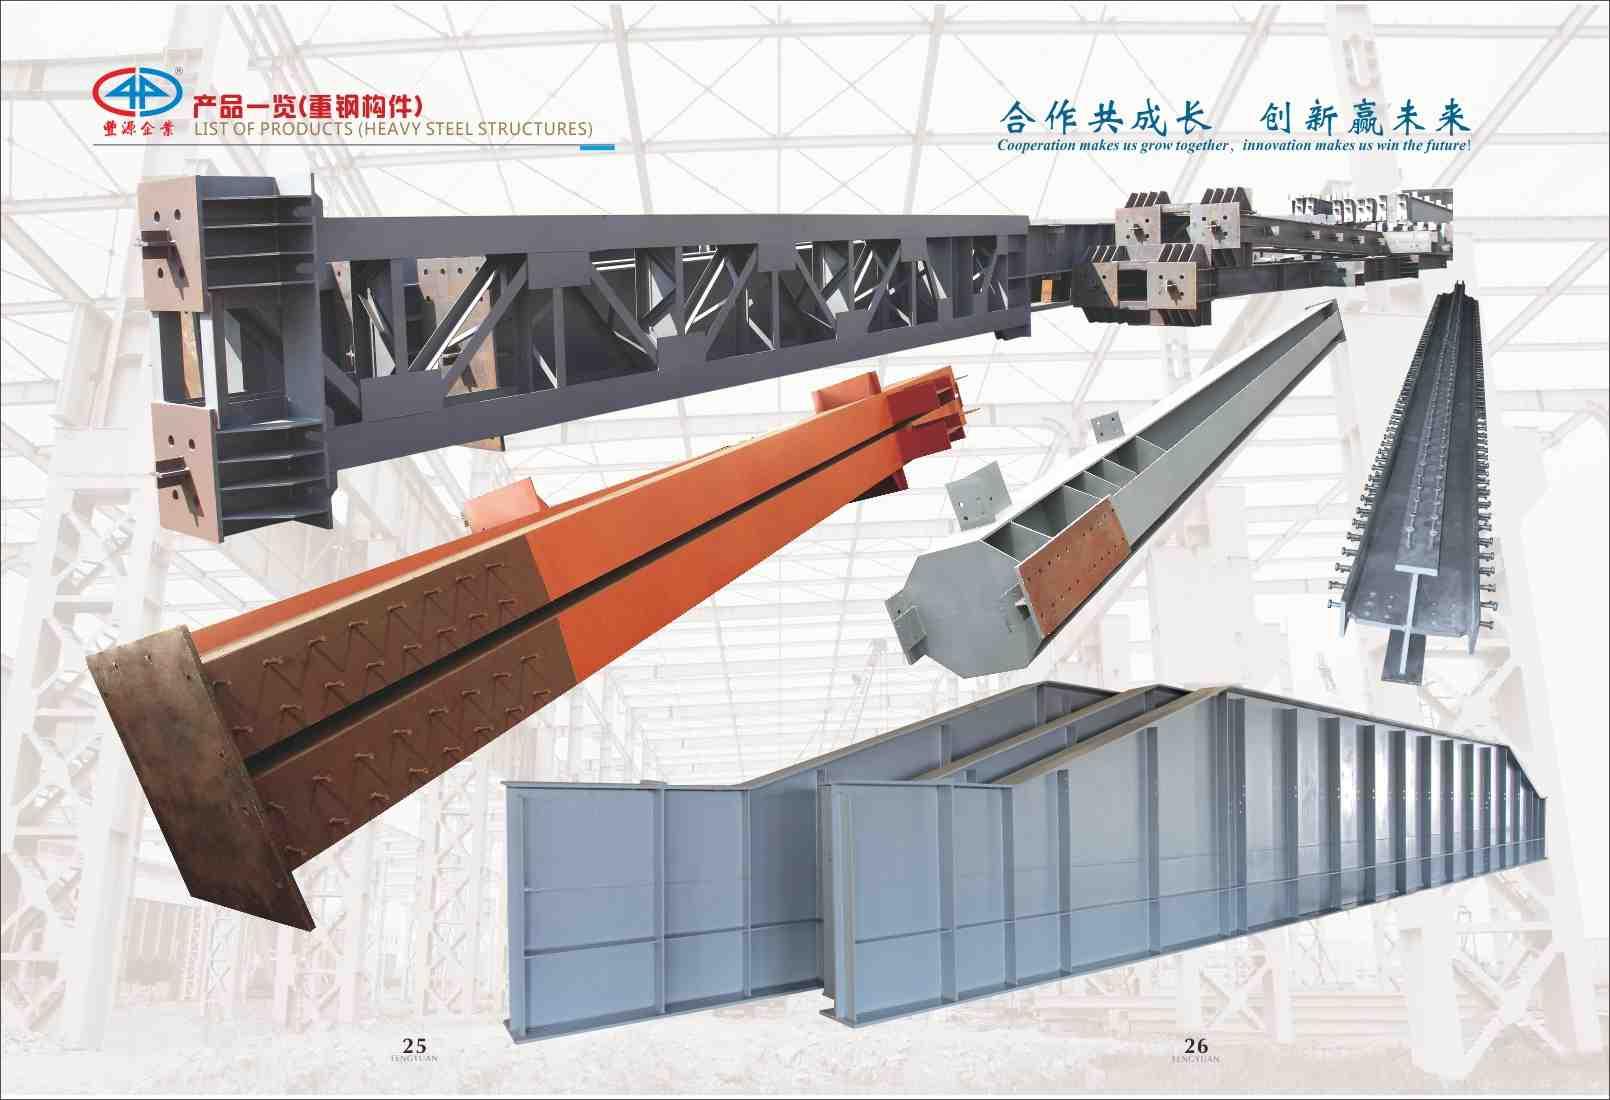 重钢轻钢钢结构专业生产施工设计就找丰源钢结构